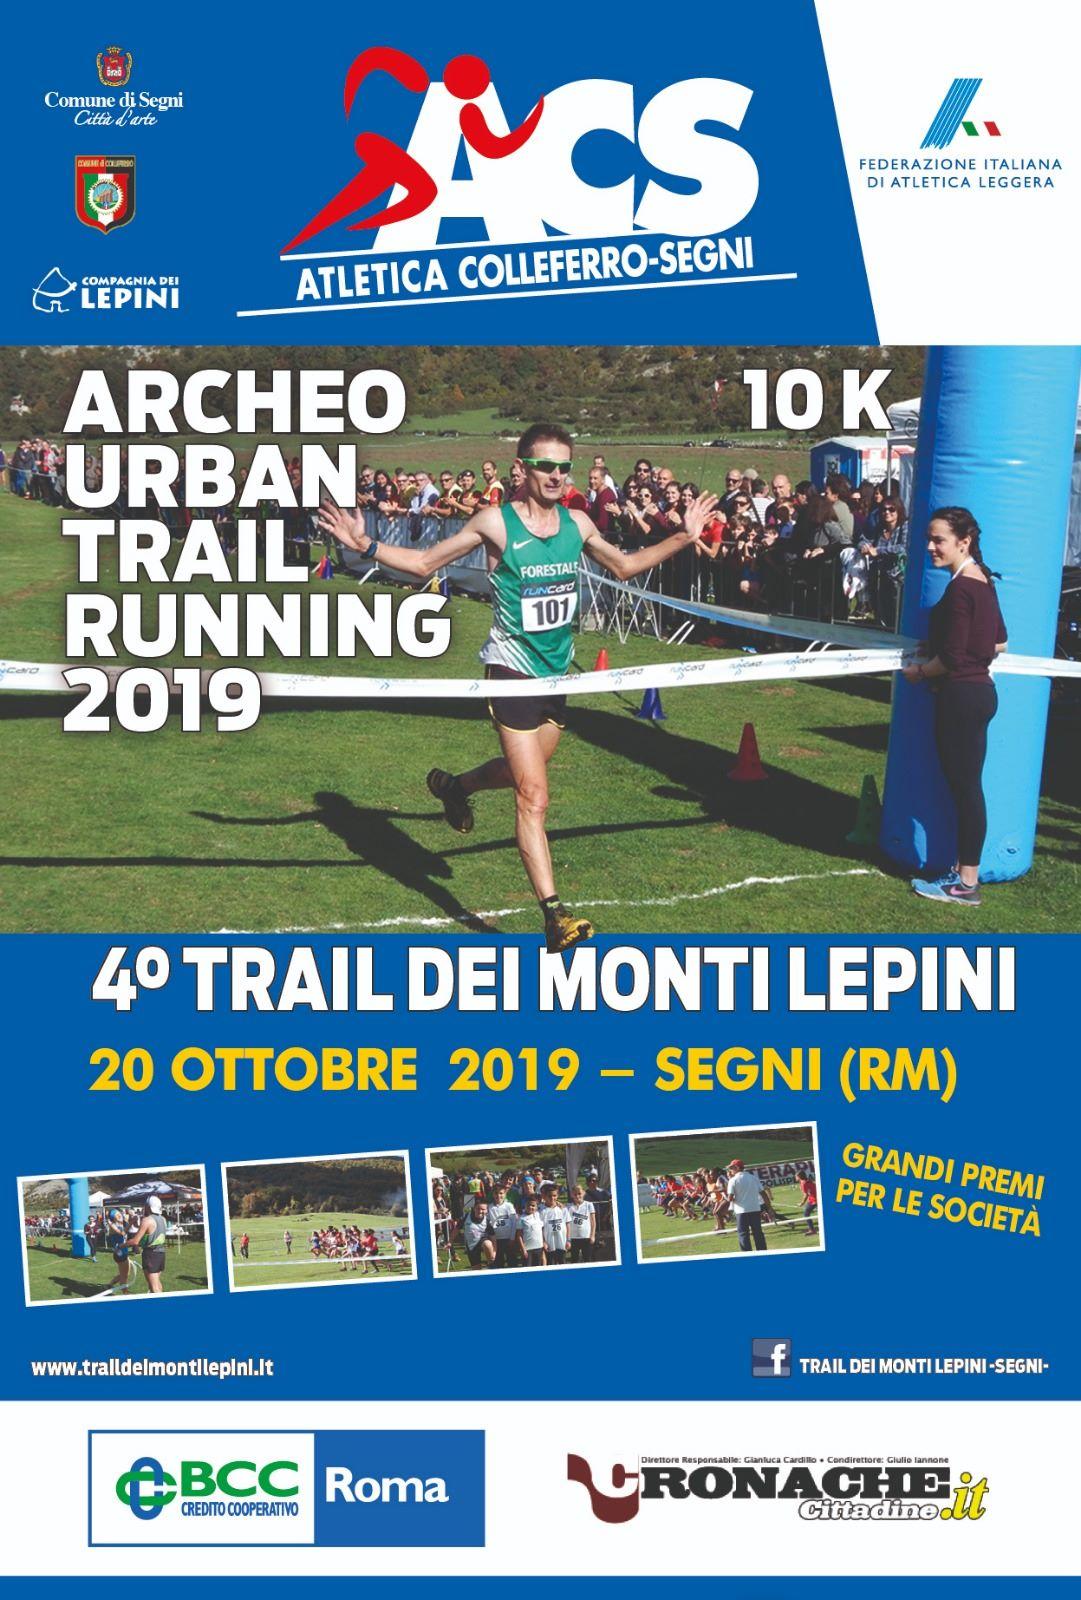 Segni: Archeo urban  trail running 2019 @ paese | Lazio | Italia